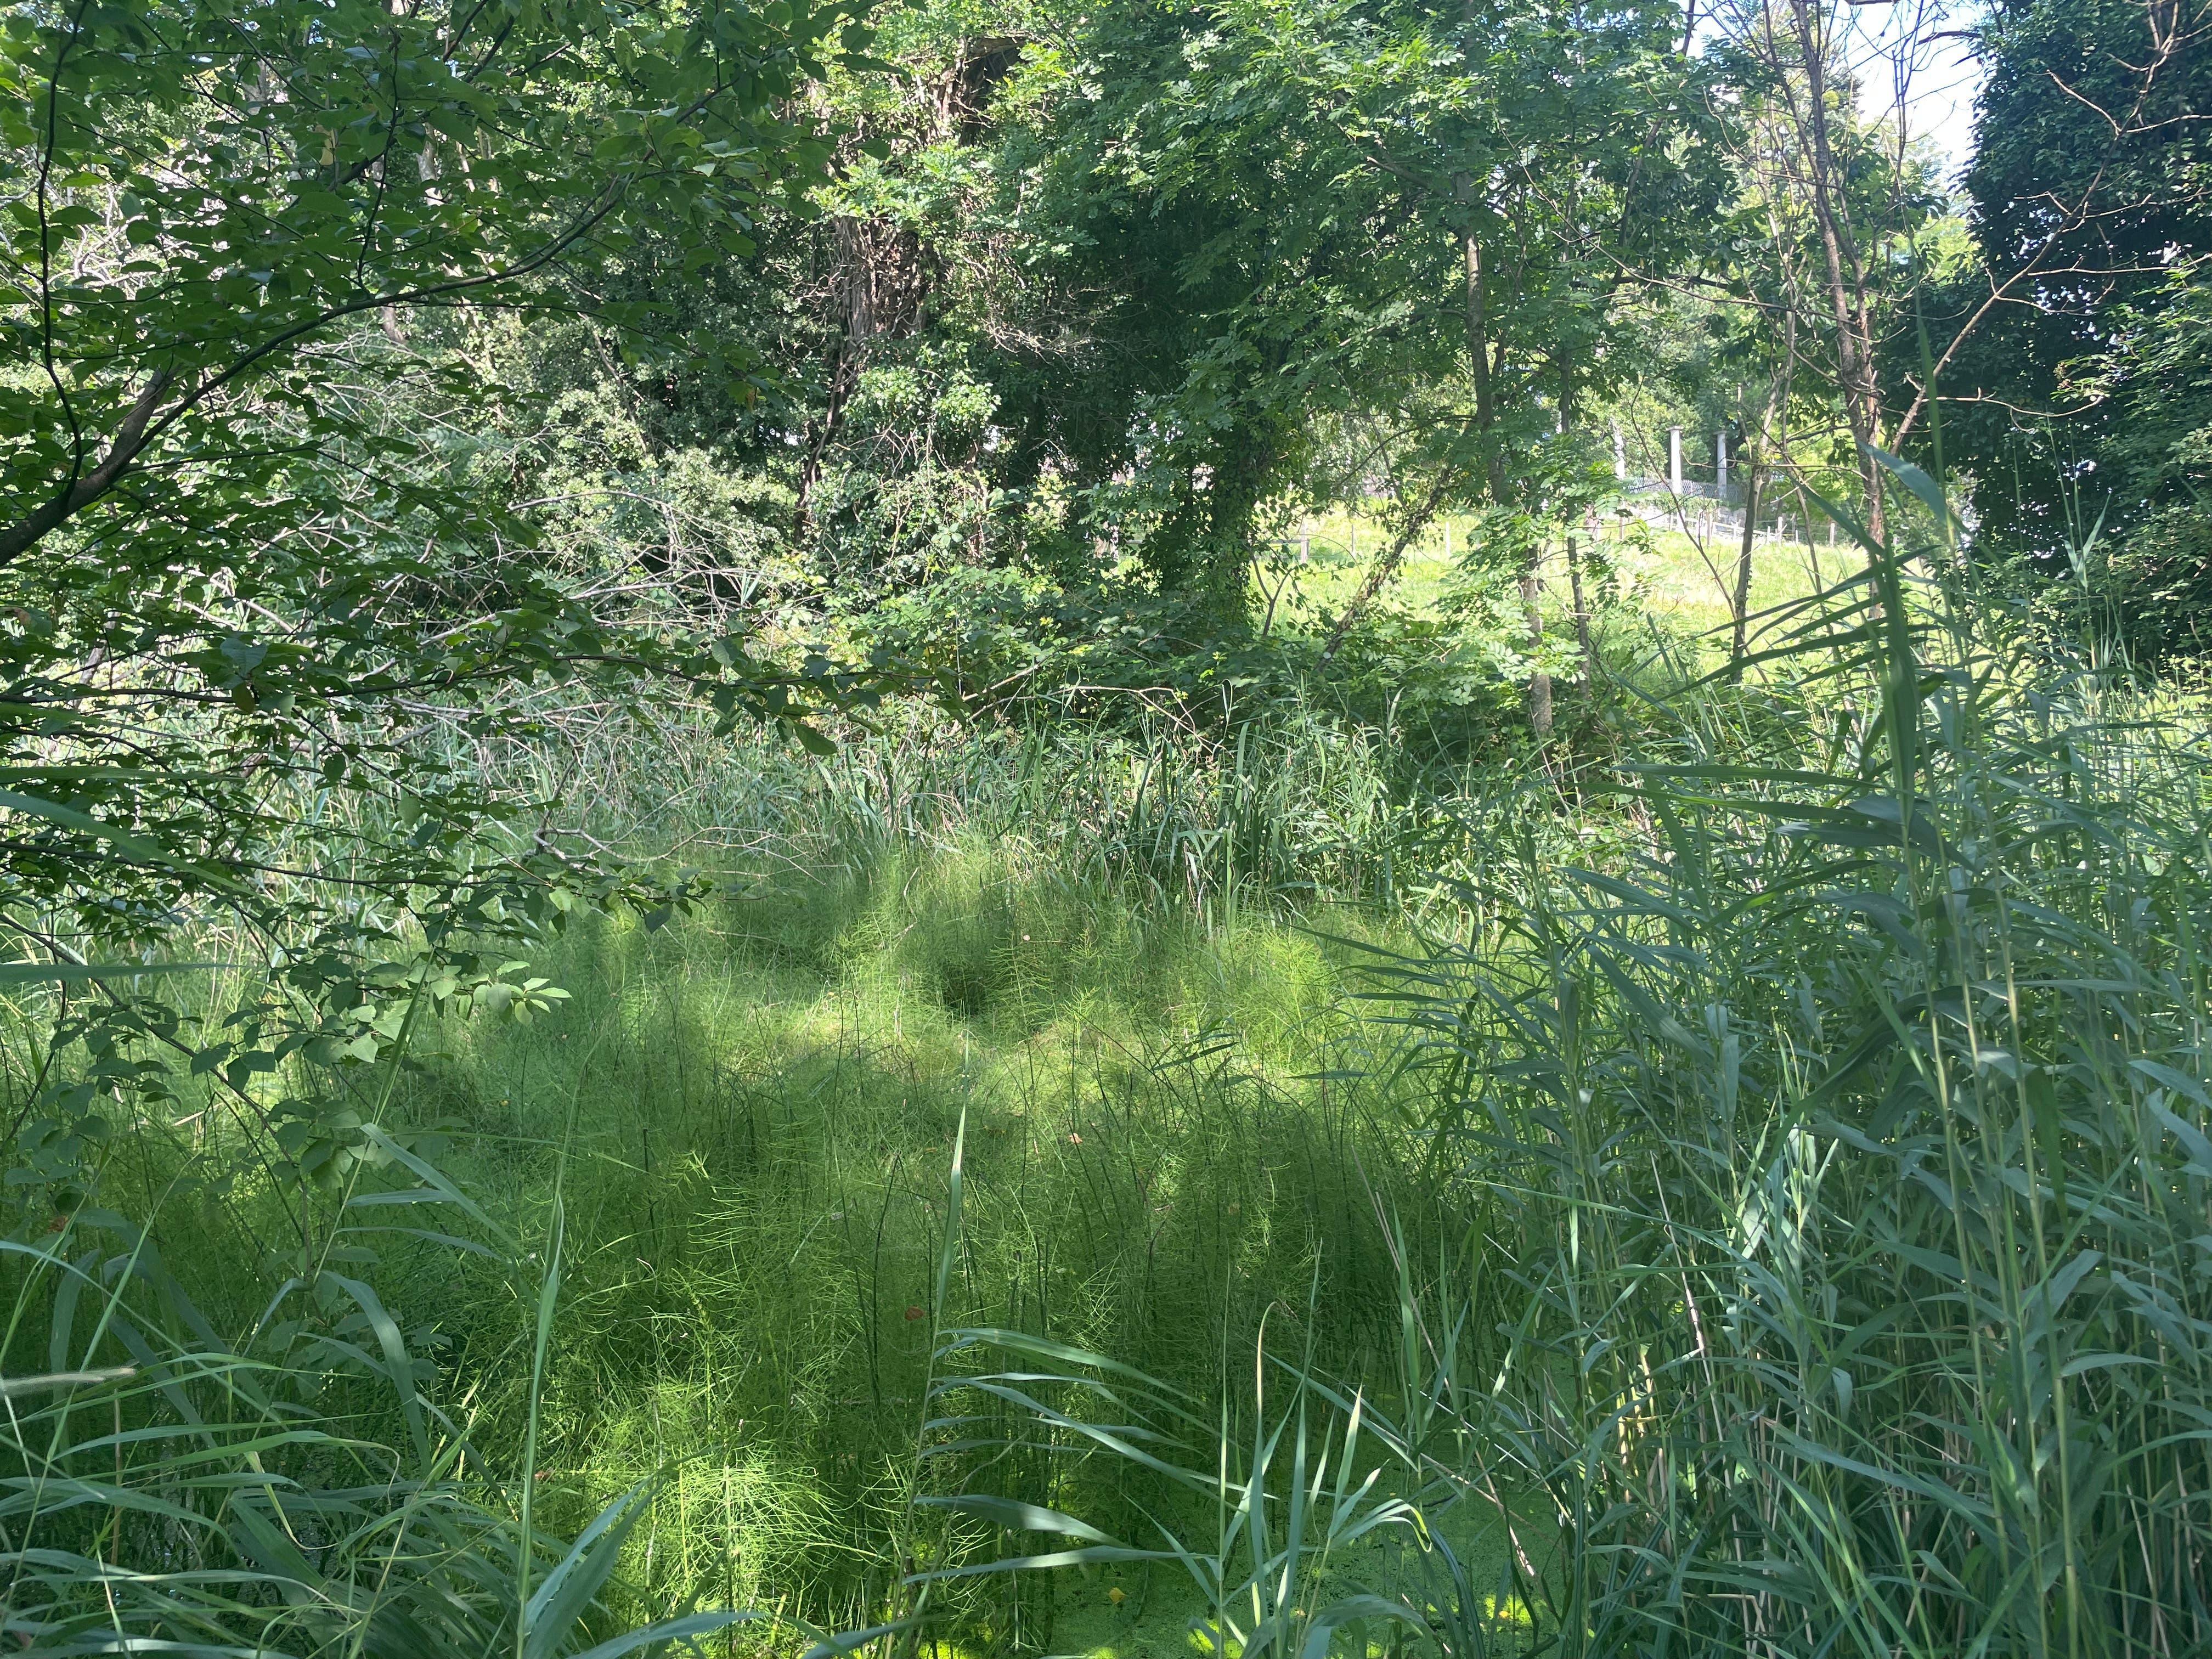 Bäume schirmen den Sparrenbergweiher von der Aussenwelt ab und machen ihn zu einem gut versteckten Biotop.